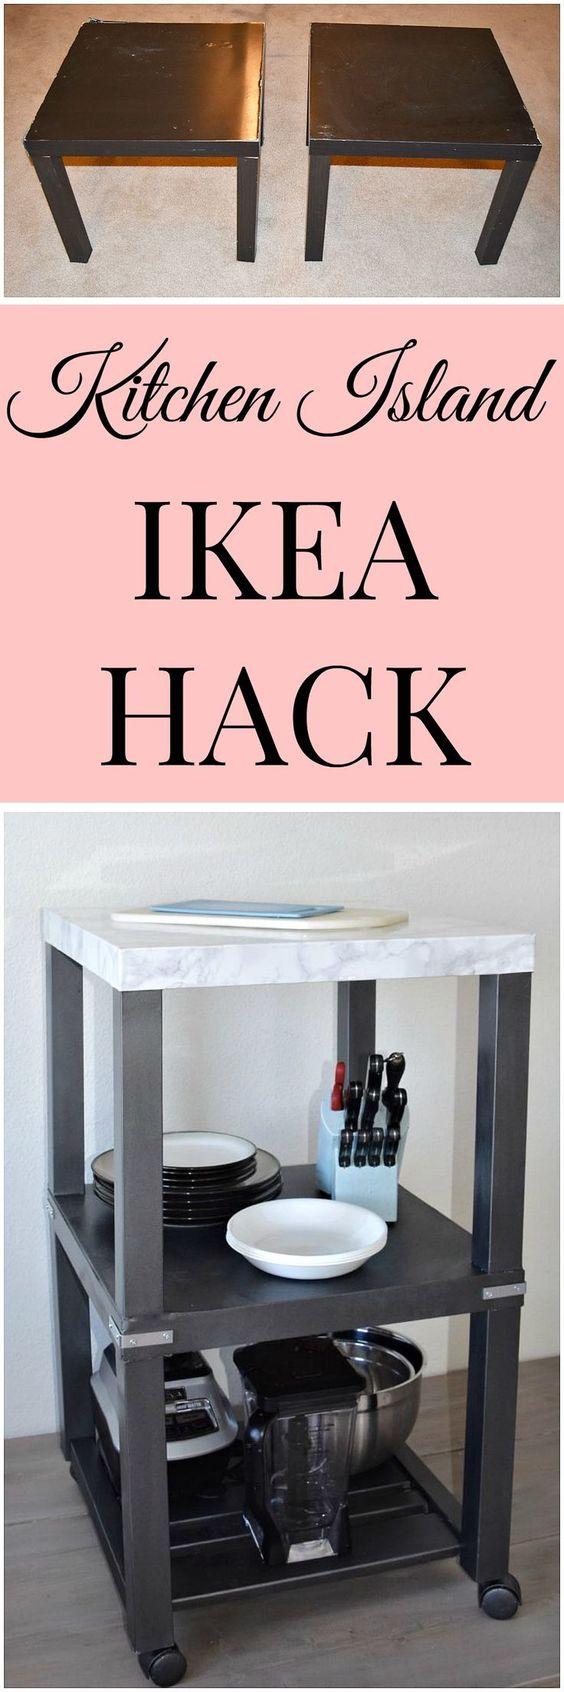 kitchen island ikea hack ikea hack kitchen ikea hack and tables